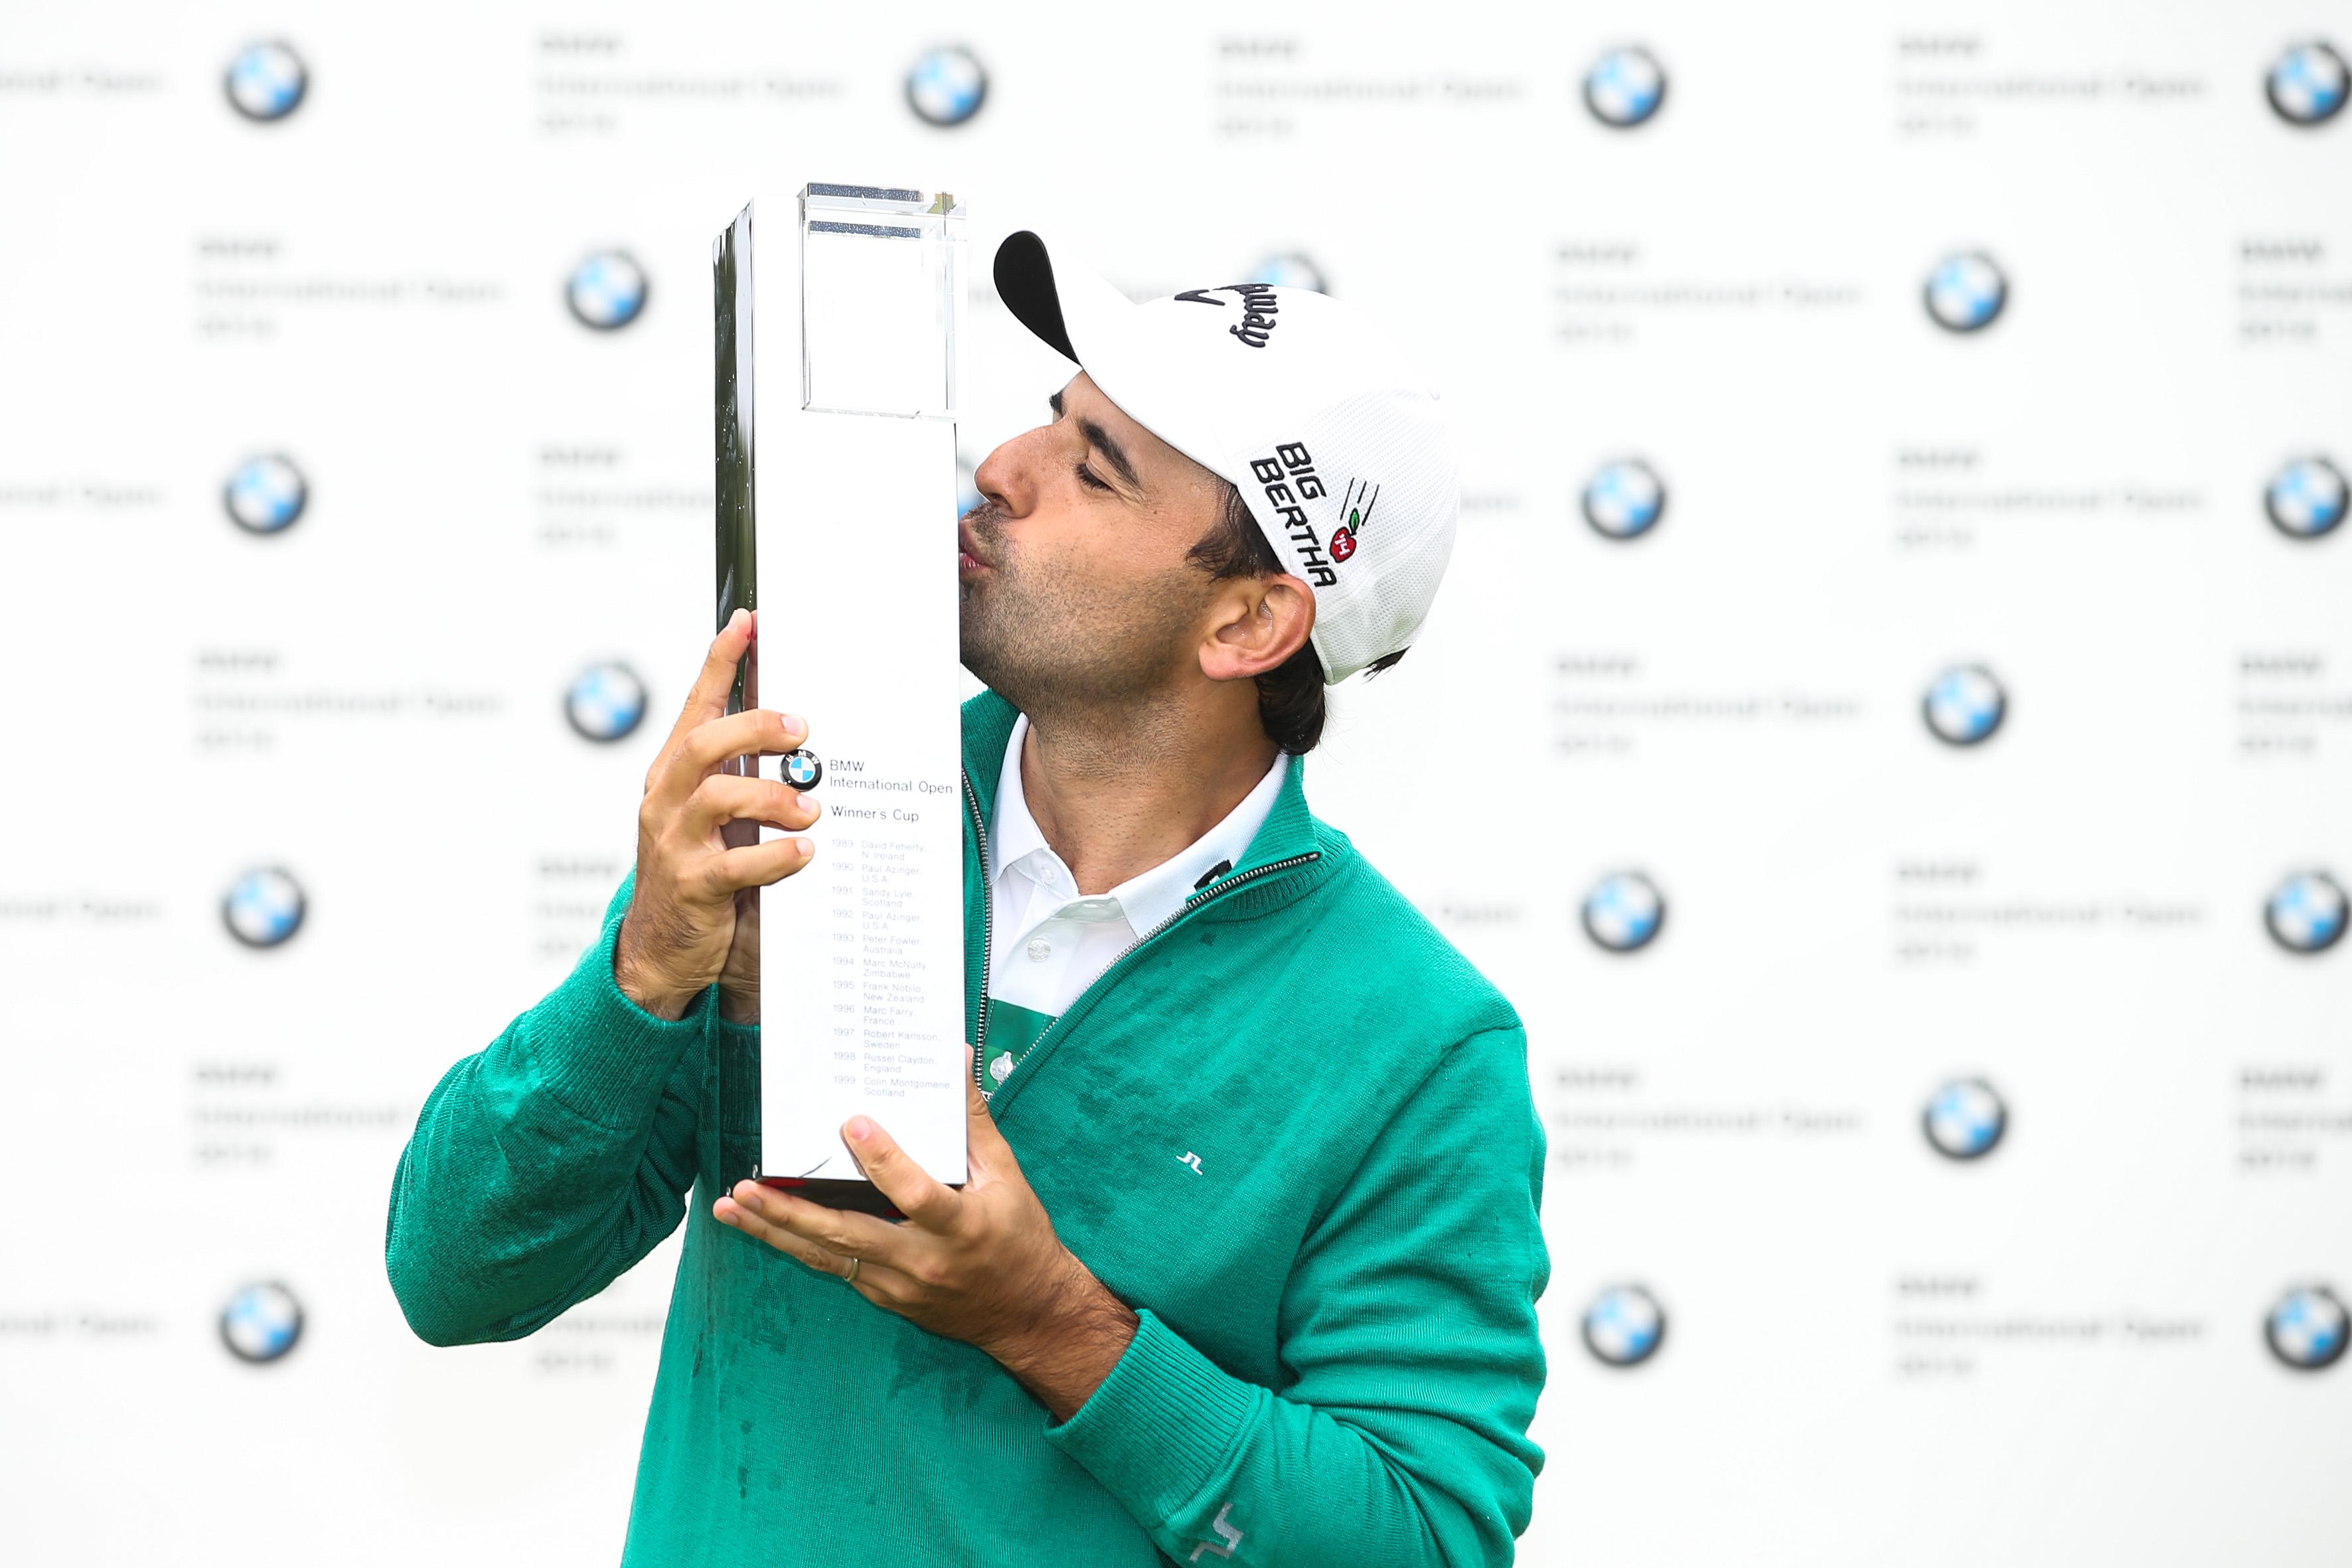 Fabrizio Zanotti setzt sich im Stechen durch und darf sich über den Siegerscheck in Höhe von 333.330 Euro freuen Foto: BMW International Open